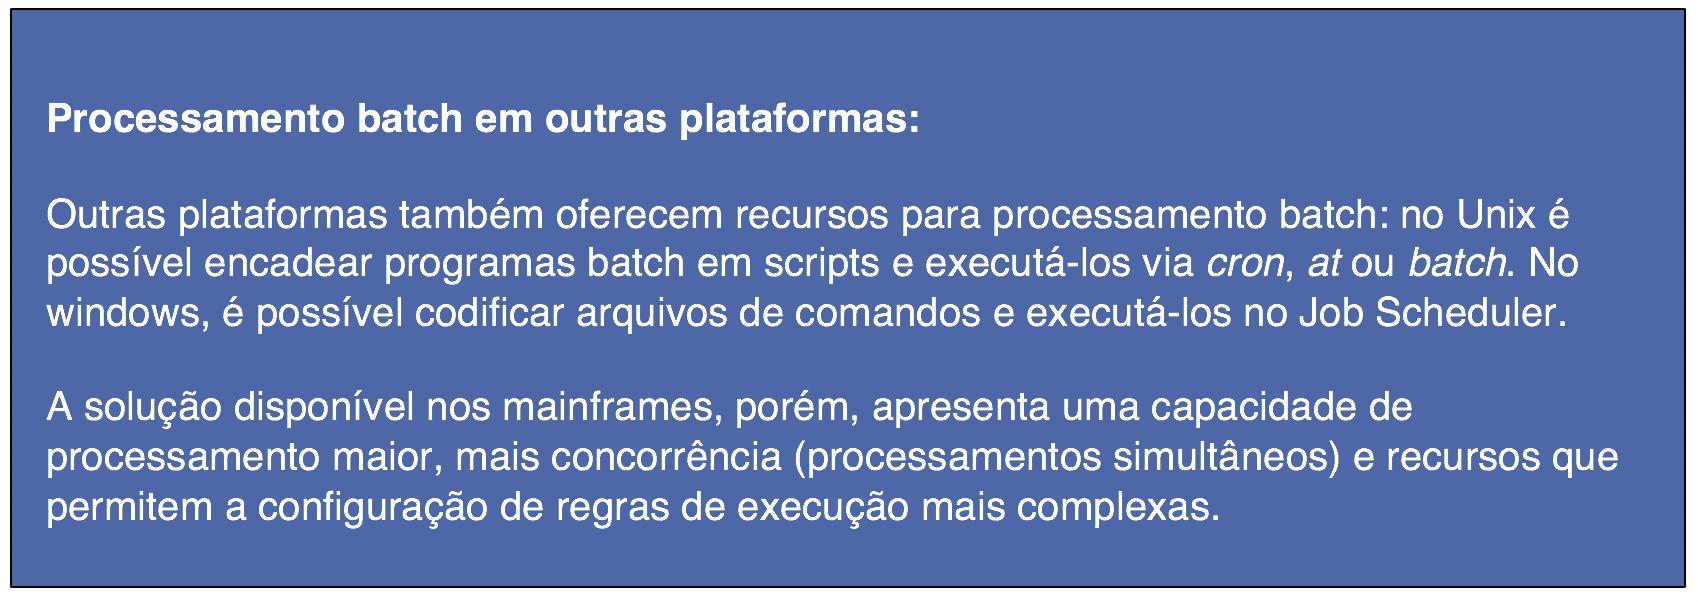 Processamento batch em outras plataformas